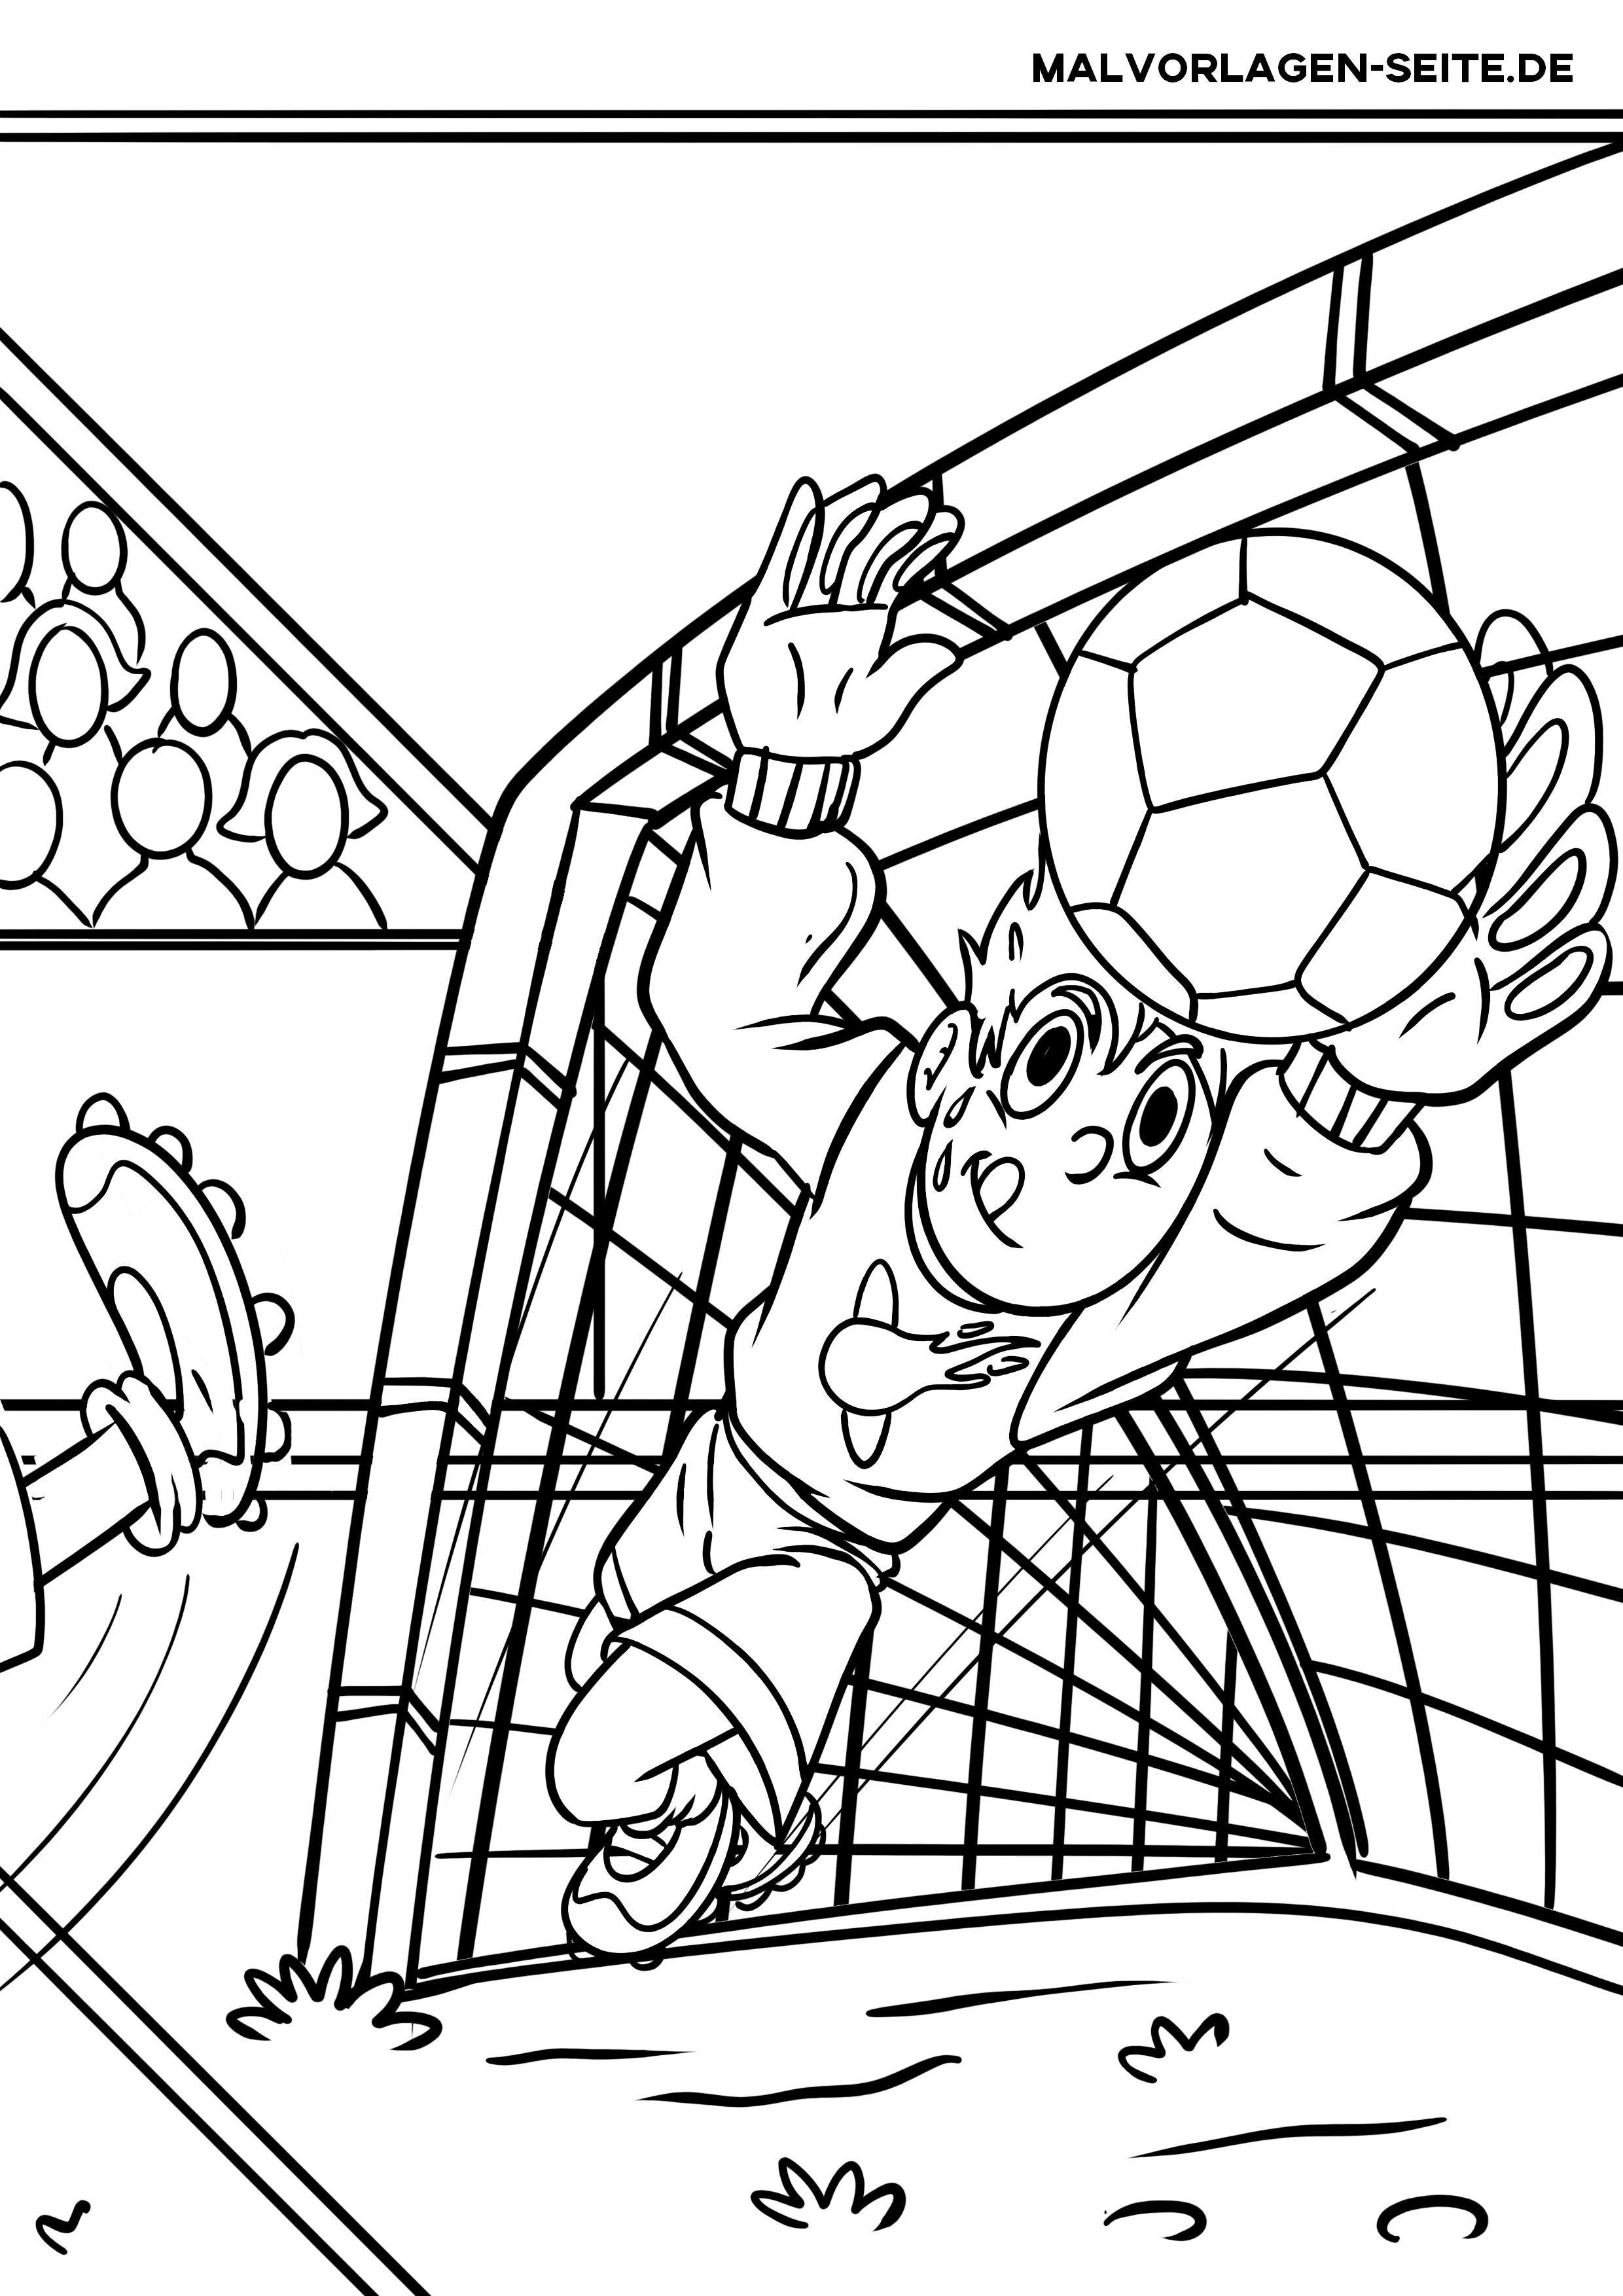 Malvorlagen Fussball Kostenlos Herunterladen Drucken Und Ausmalen